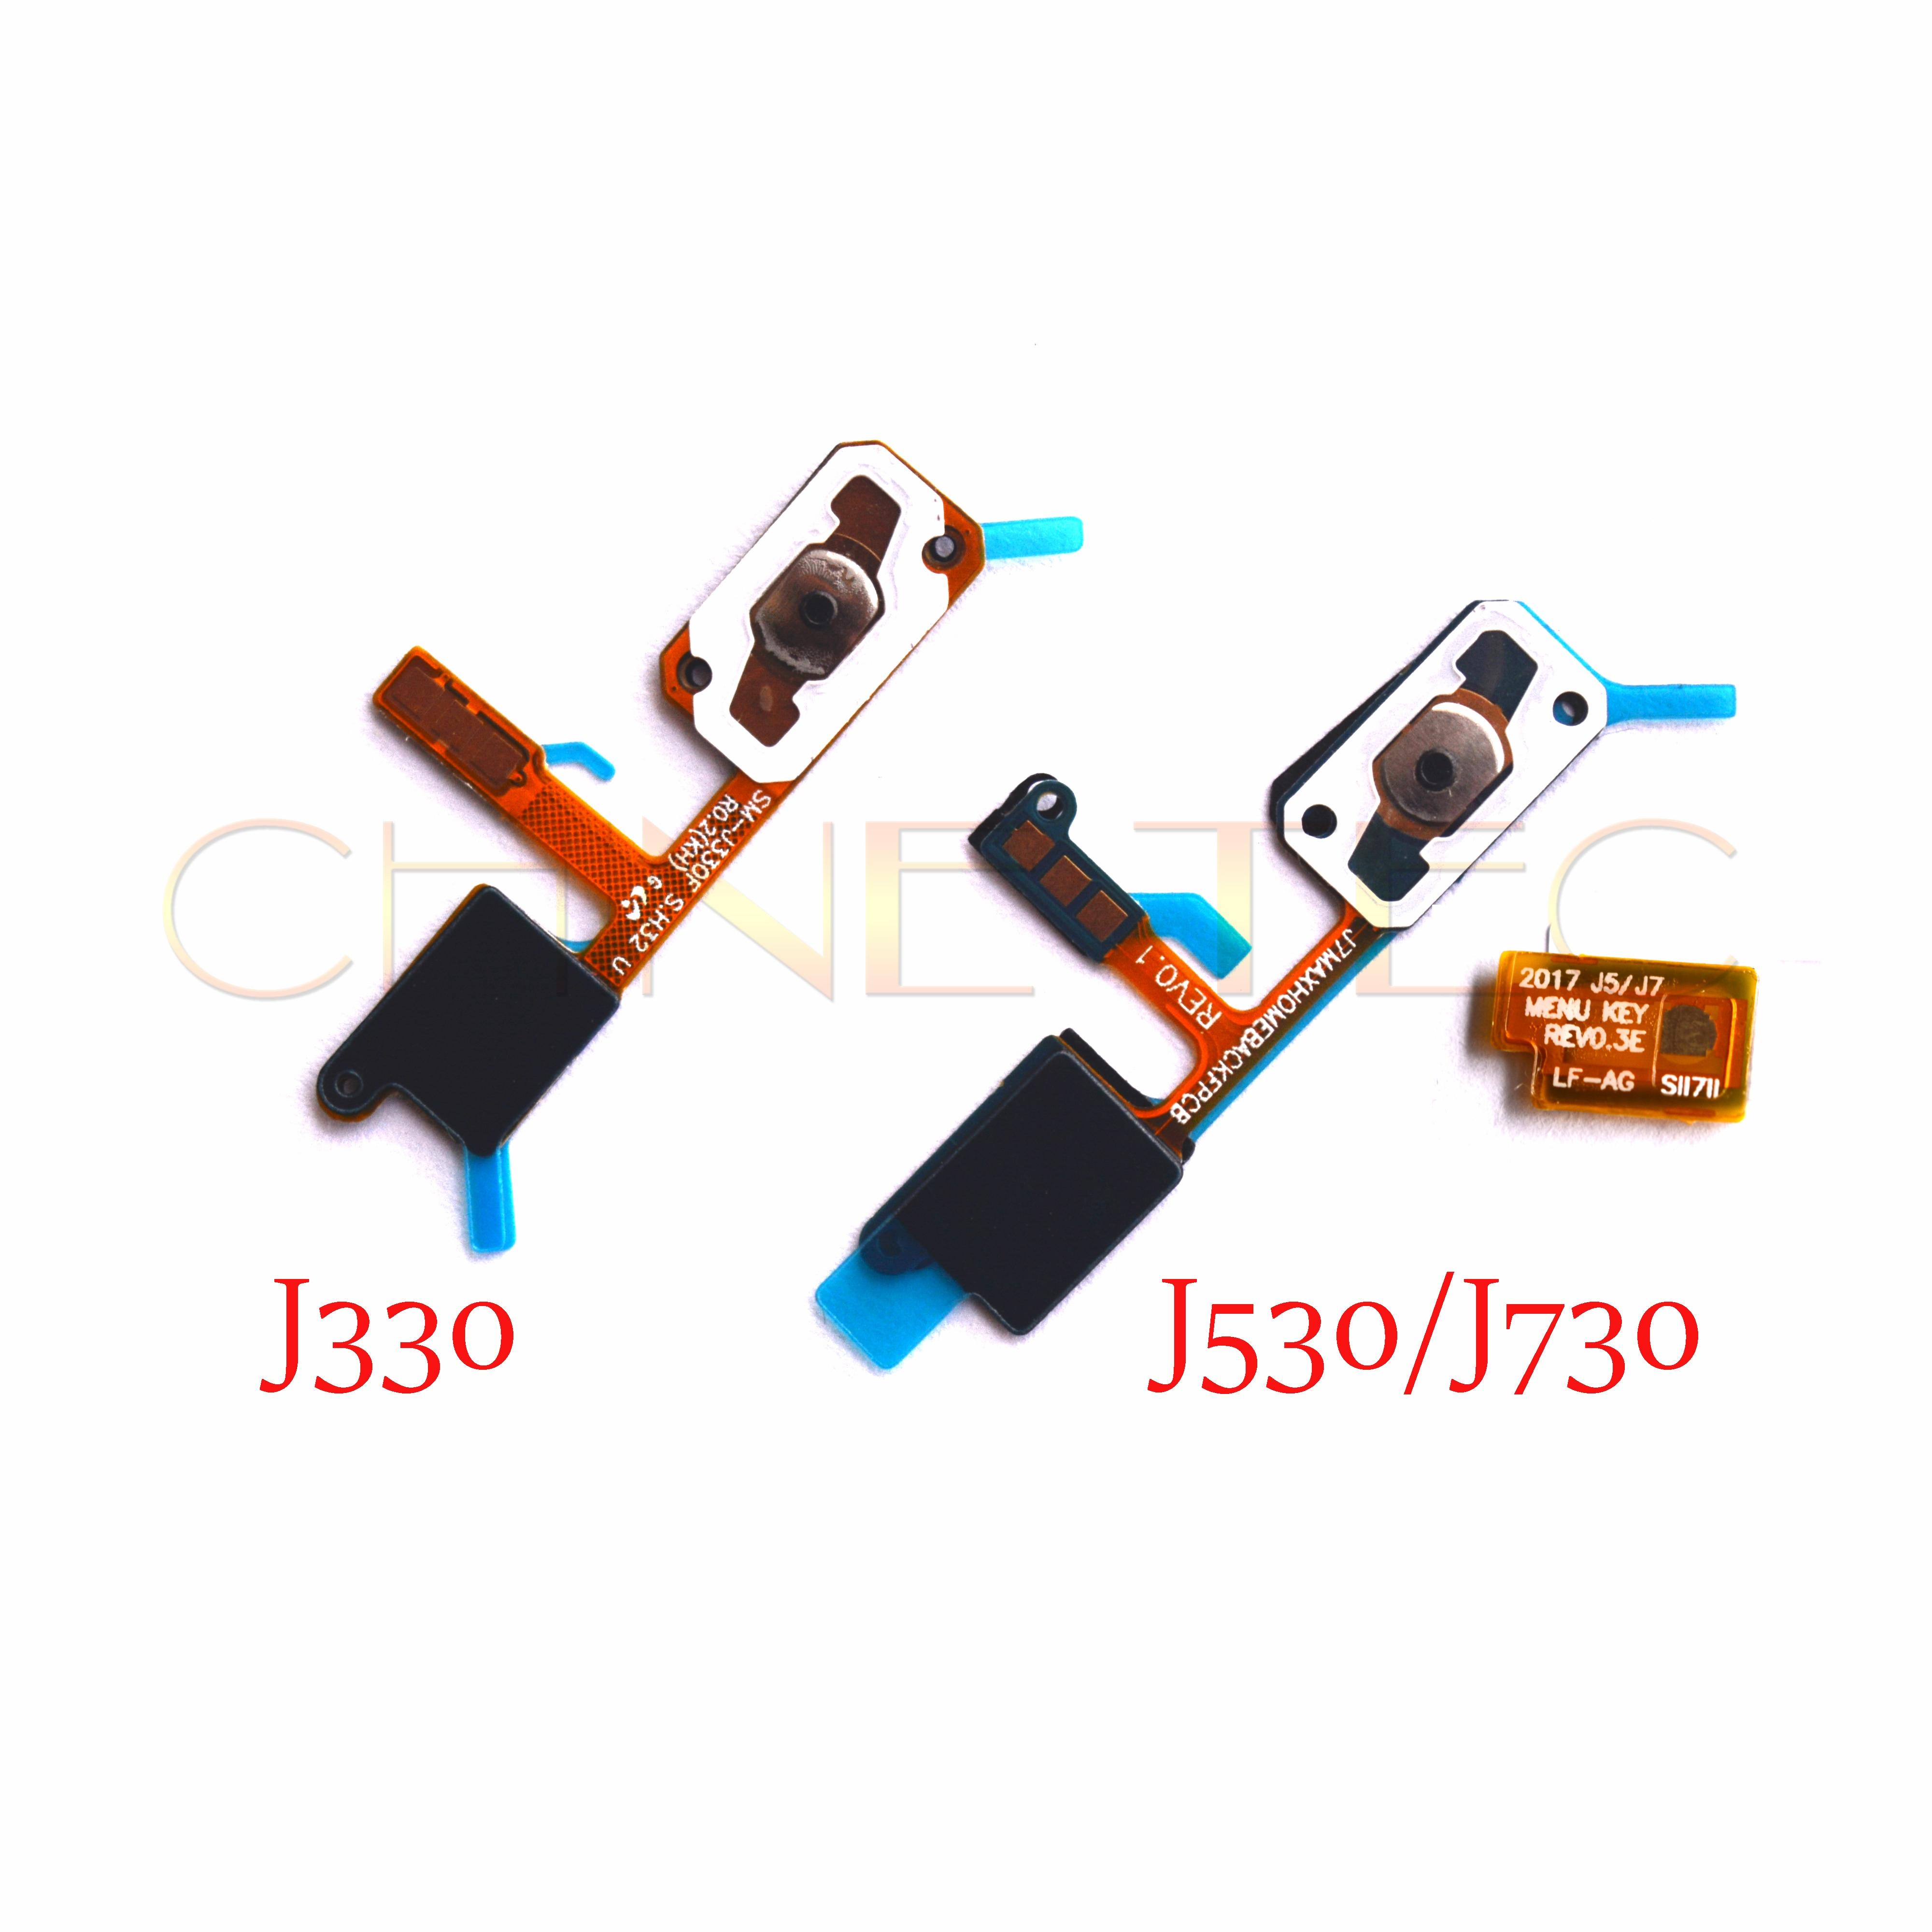 10 Pièces Accueil Bouton Clé Retour Lumière Capteur Menu Keyborad Flex Pour Samsung Galaxy J3 J5 J7 Pro 2017/j7 Max/j330 J530 J730 G615